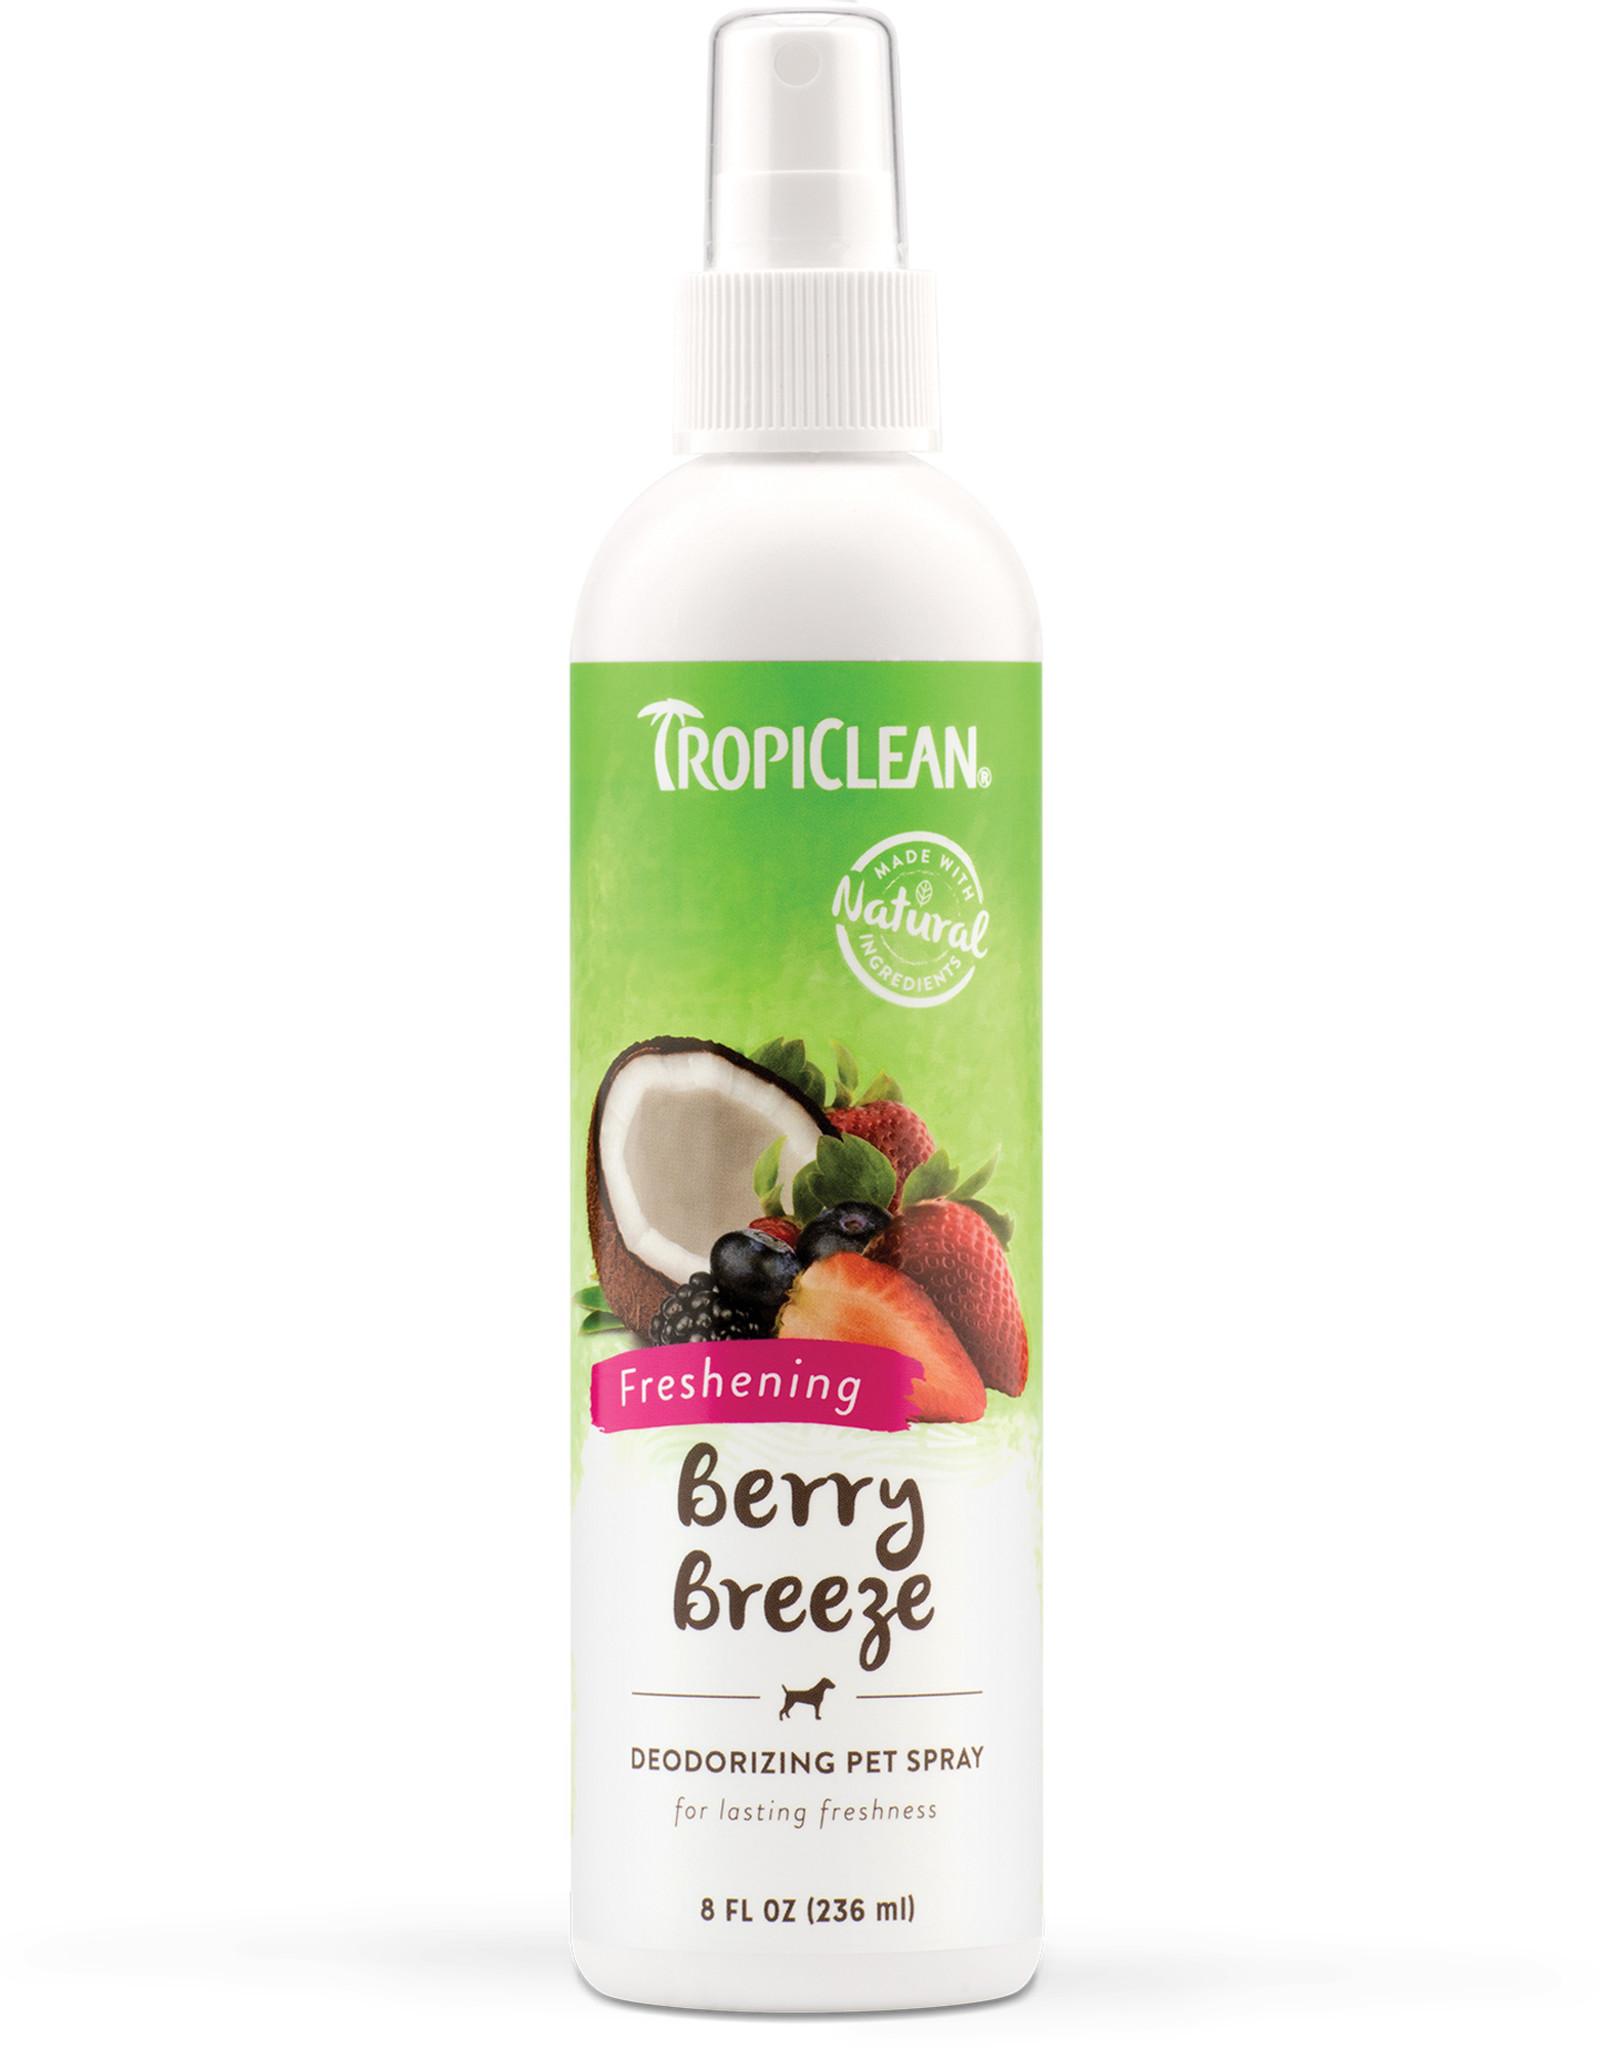 TropiClean Berry Breeze Deodorizing Spray for Dogs 8 fl oz